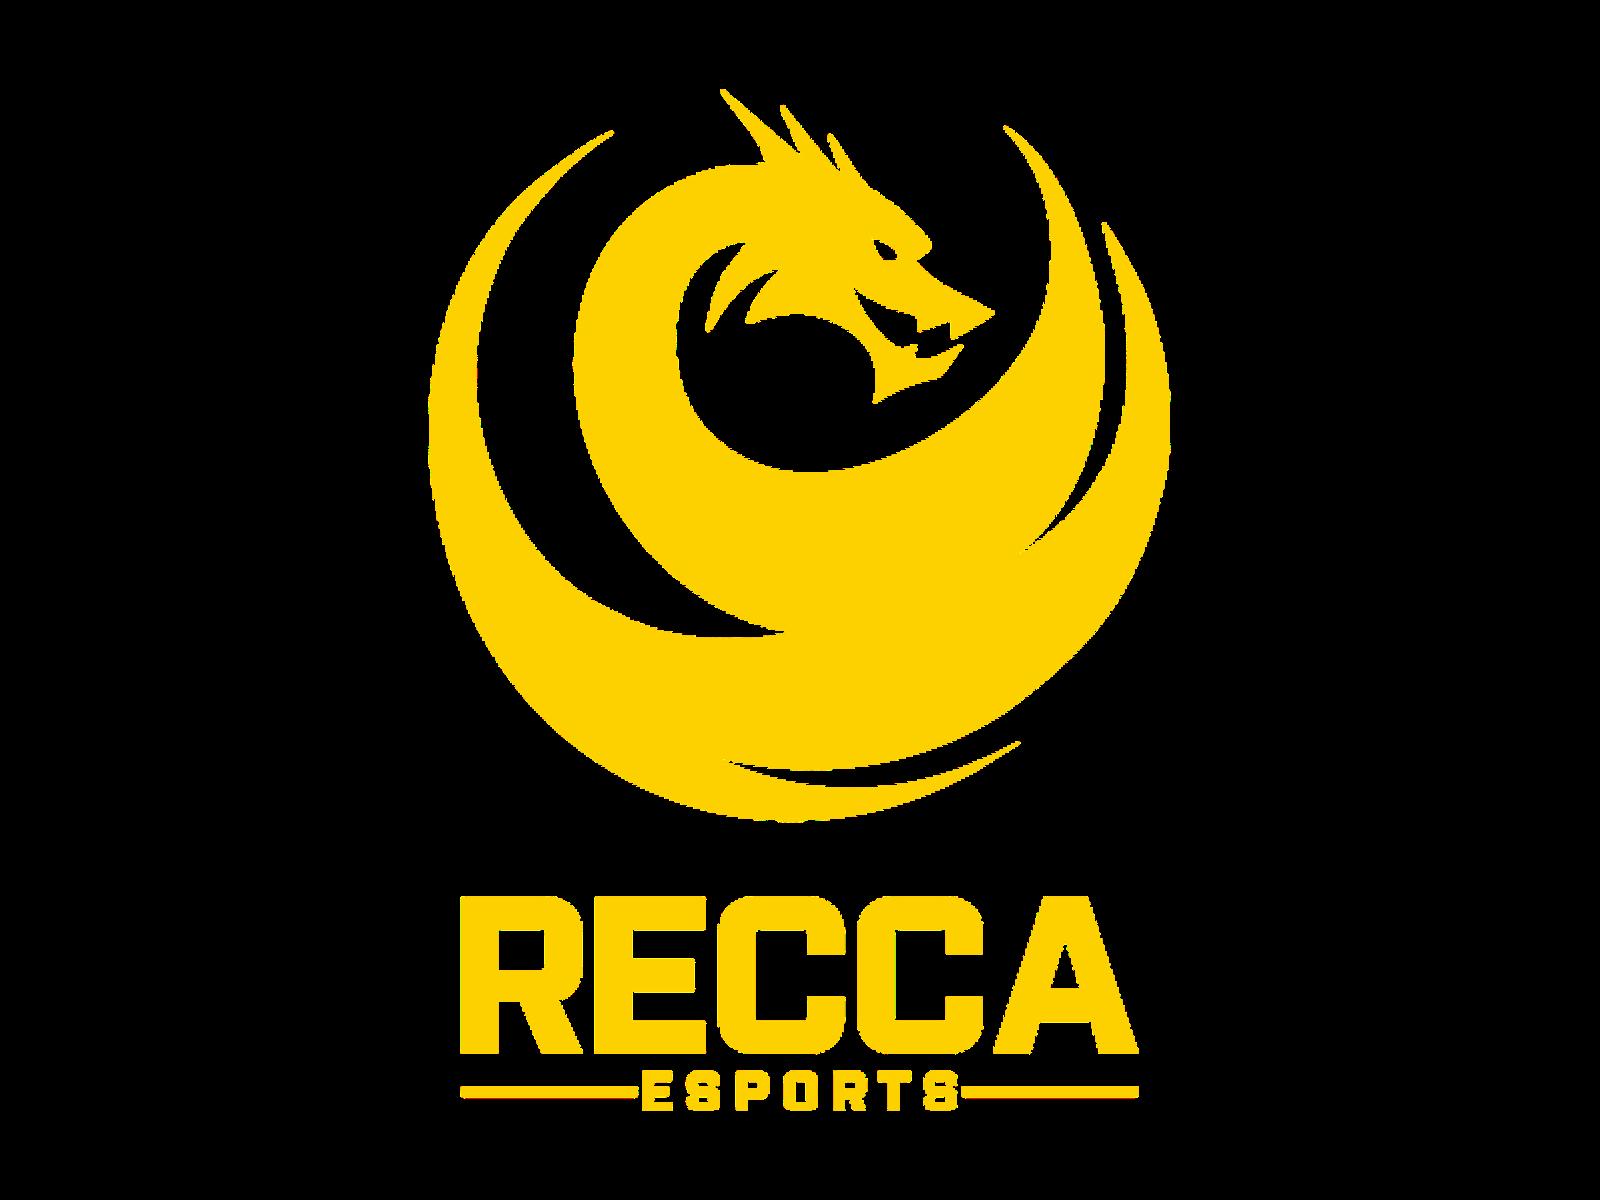 Logo Recca Esports Format PNG